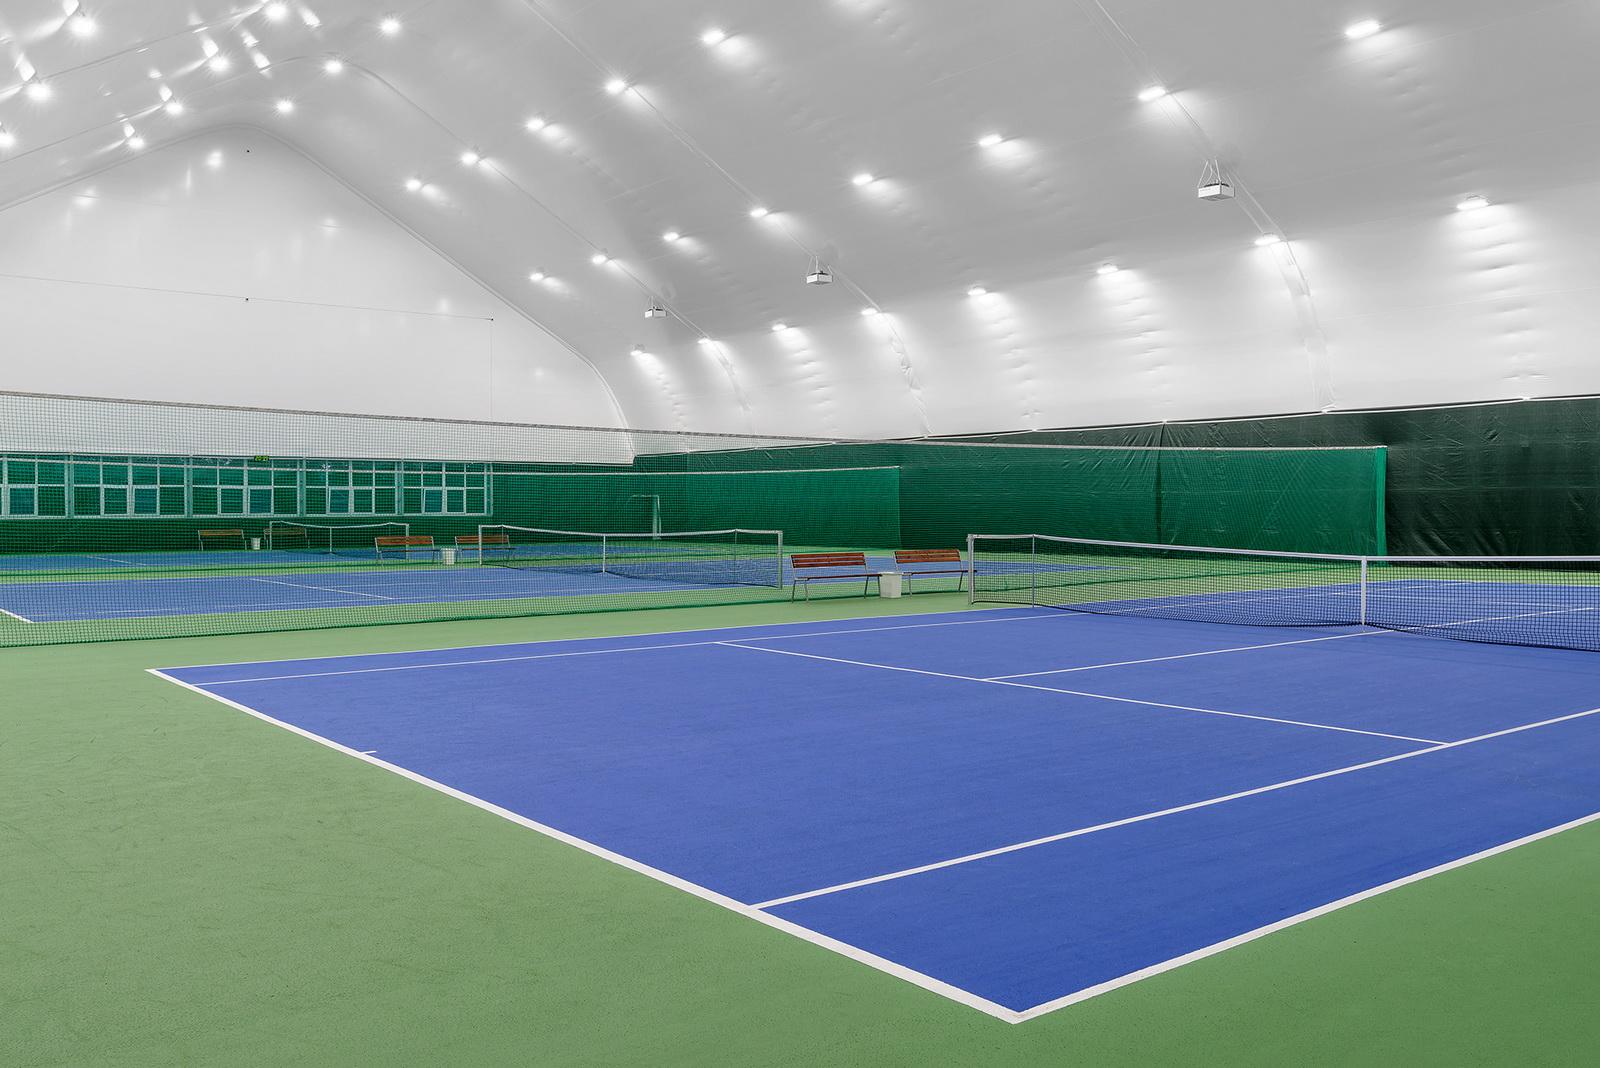 закрытый теннисный клуб